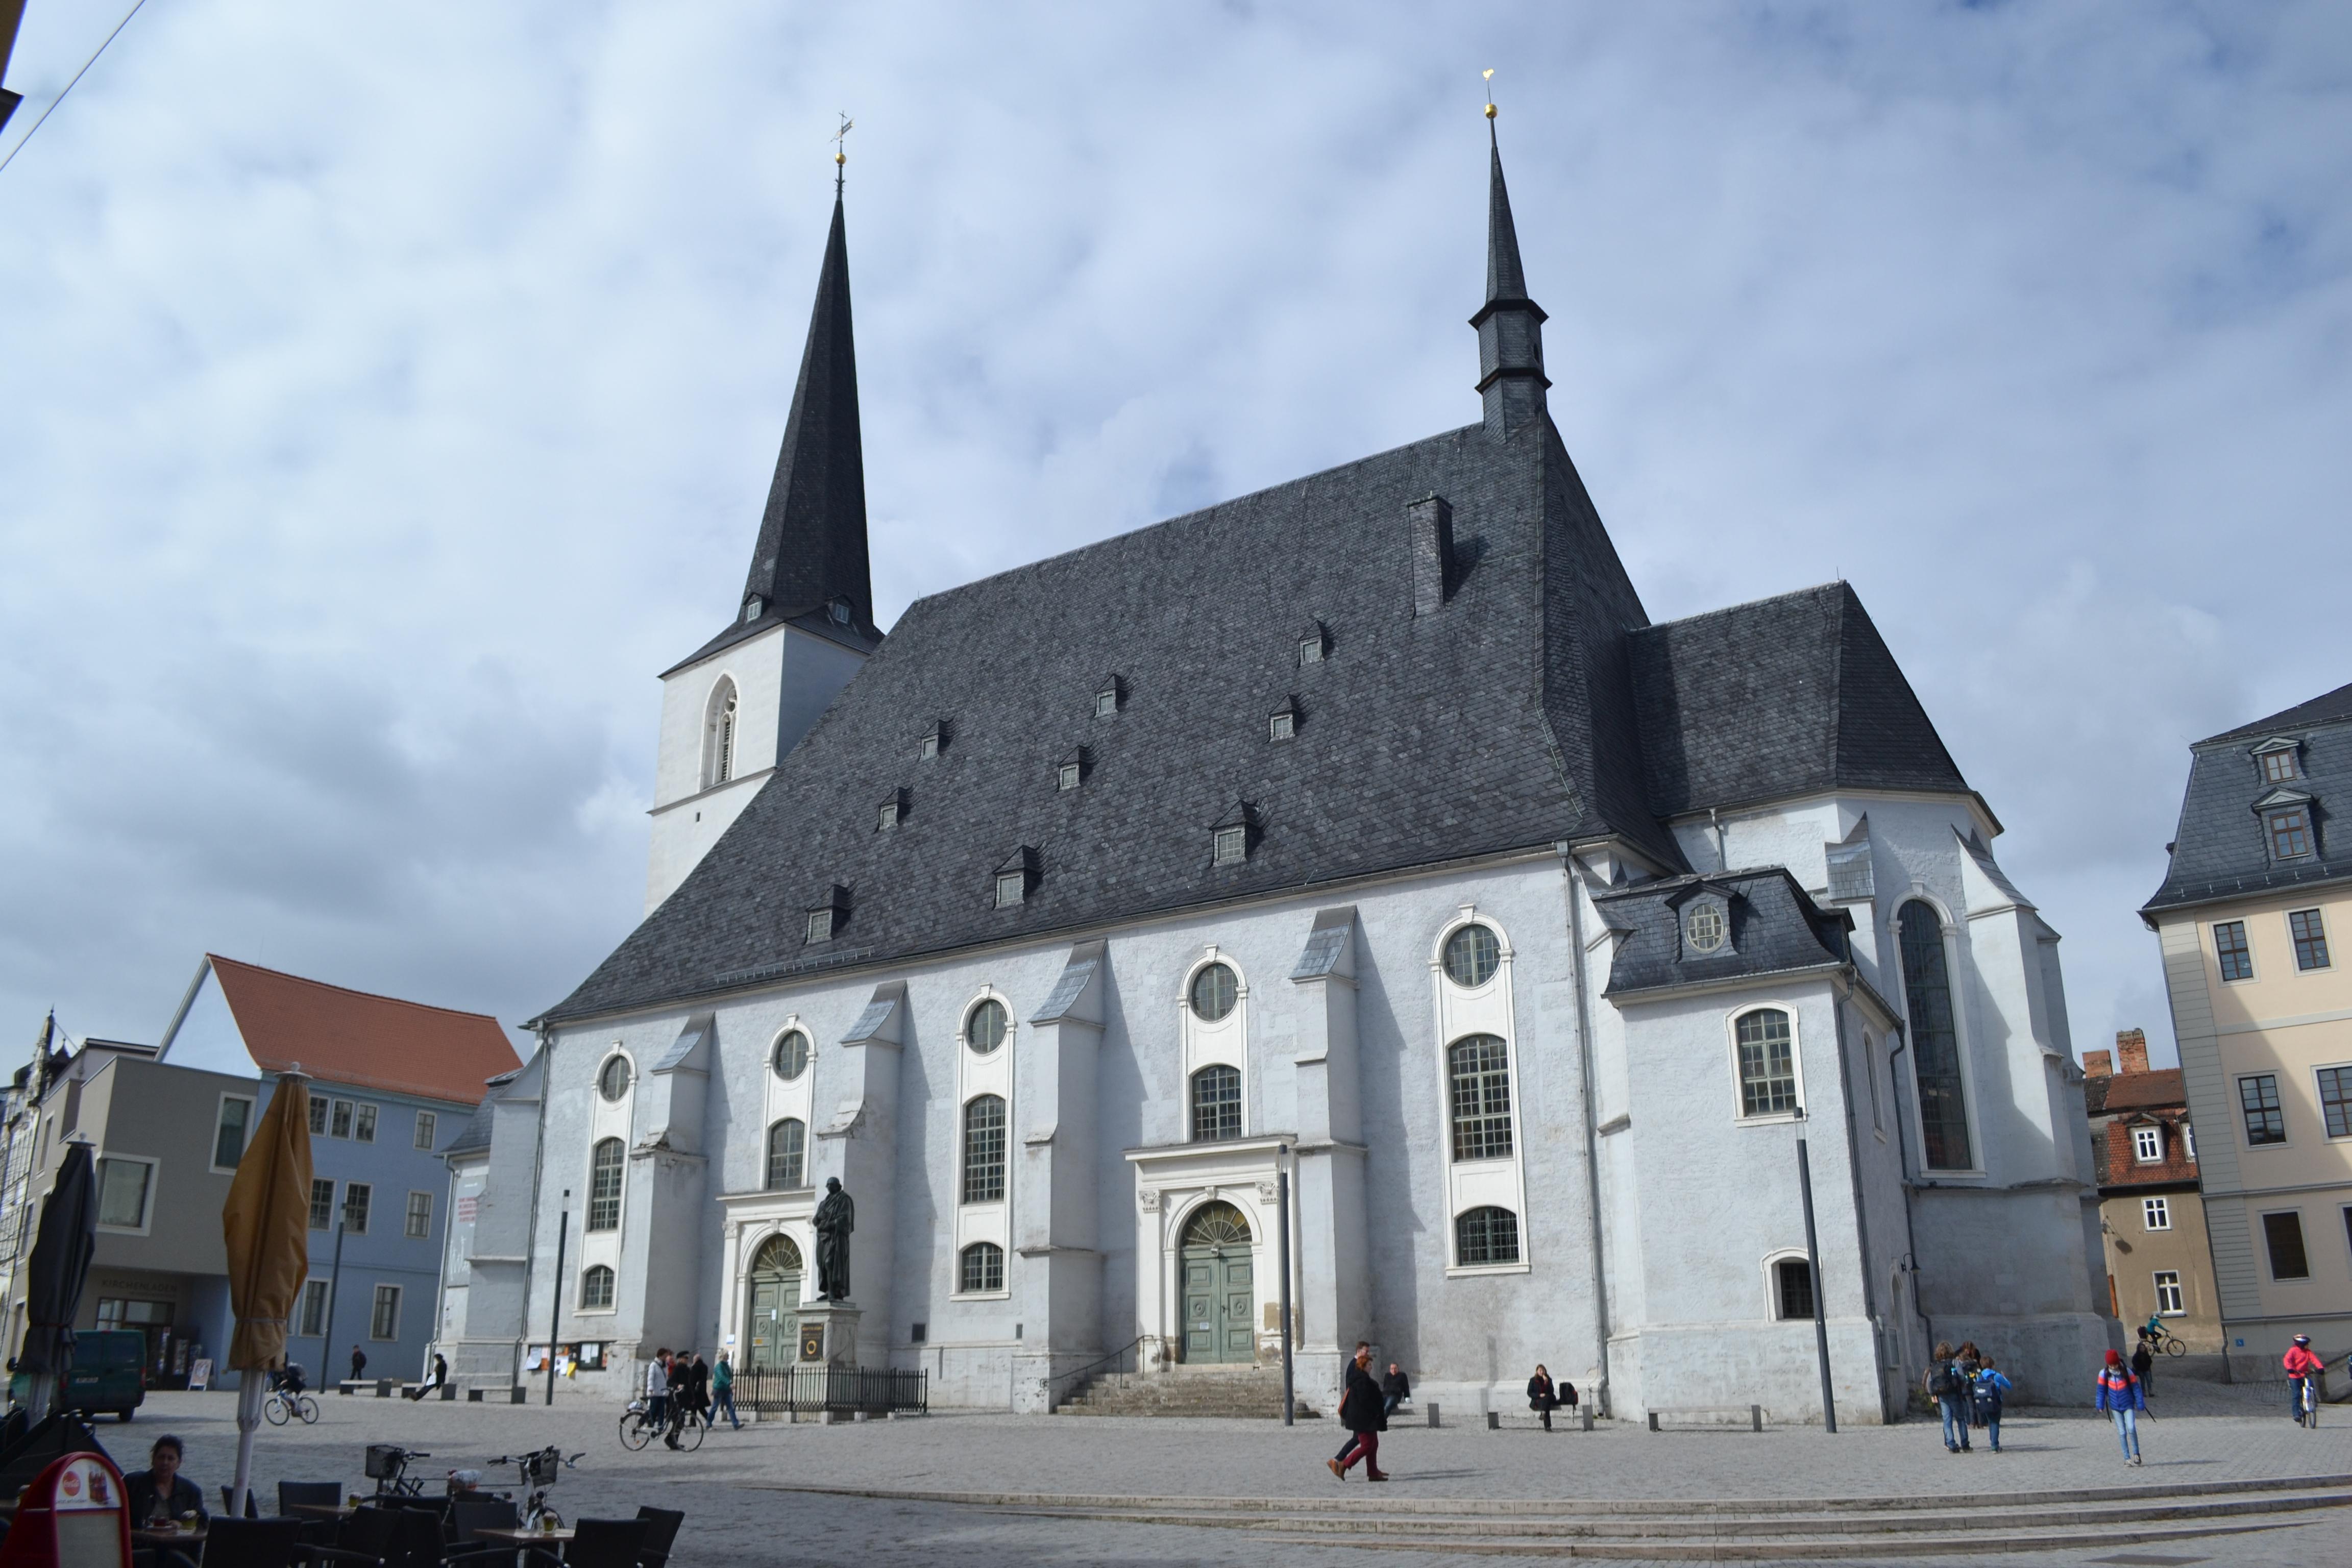 Die Stadtkirche St. Peter und Paul in Weimar, im Volksmund Herder-Kirche genannt.